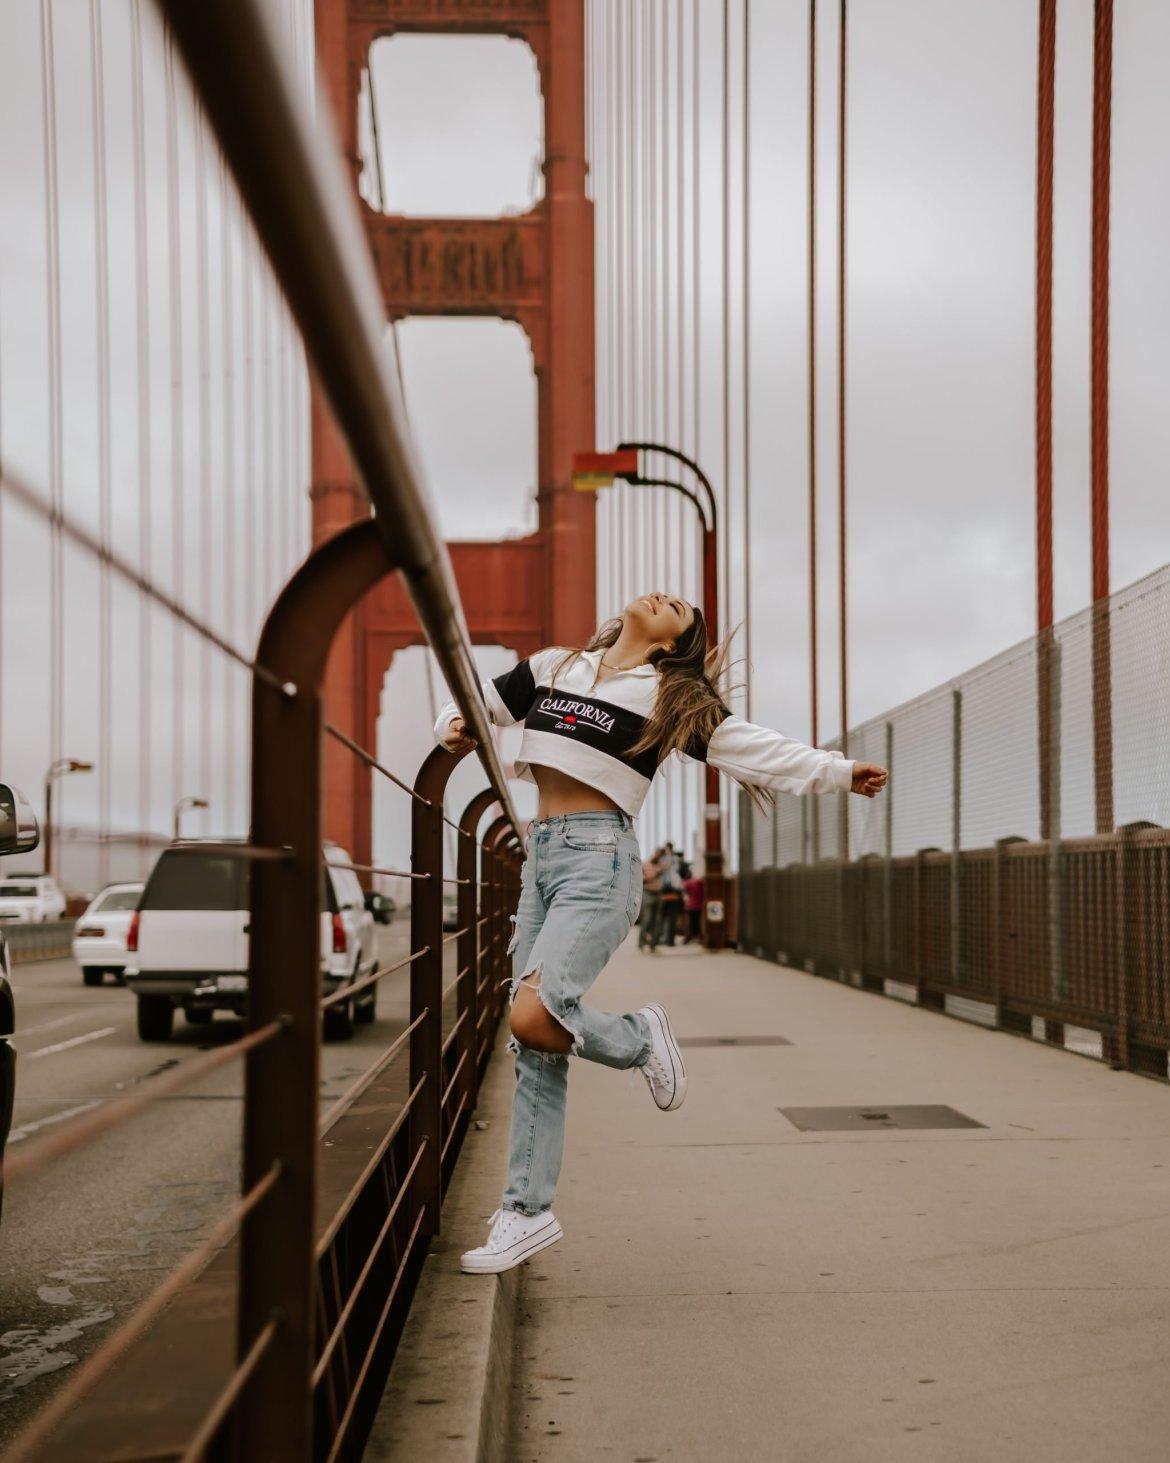 The Perfect 3-Day San Francisco Itinerary | the perfect 3-day itinerary for your next trip to San Francisco. Golden Gate Bridge, San Francisco outfit, San Francisco photo idea, California travel